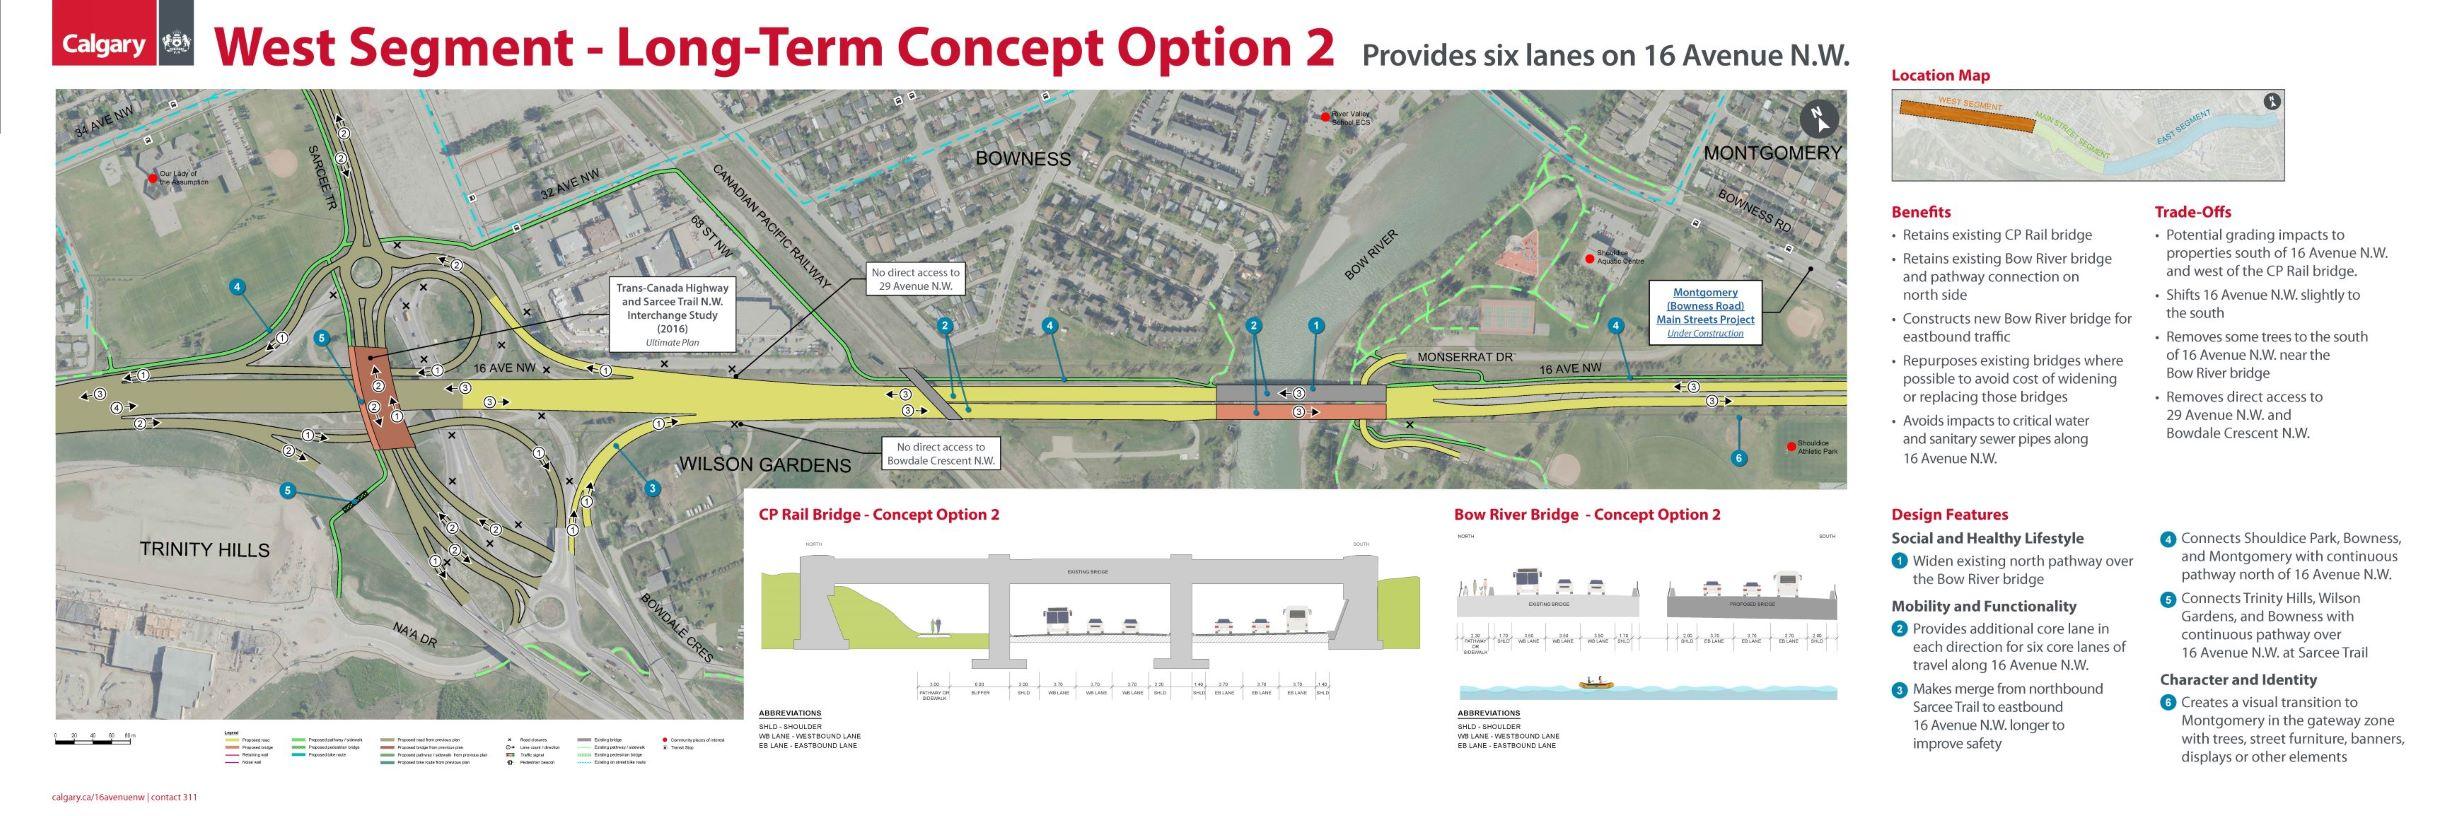 West Segment - Long-Term Concept Option 2